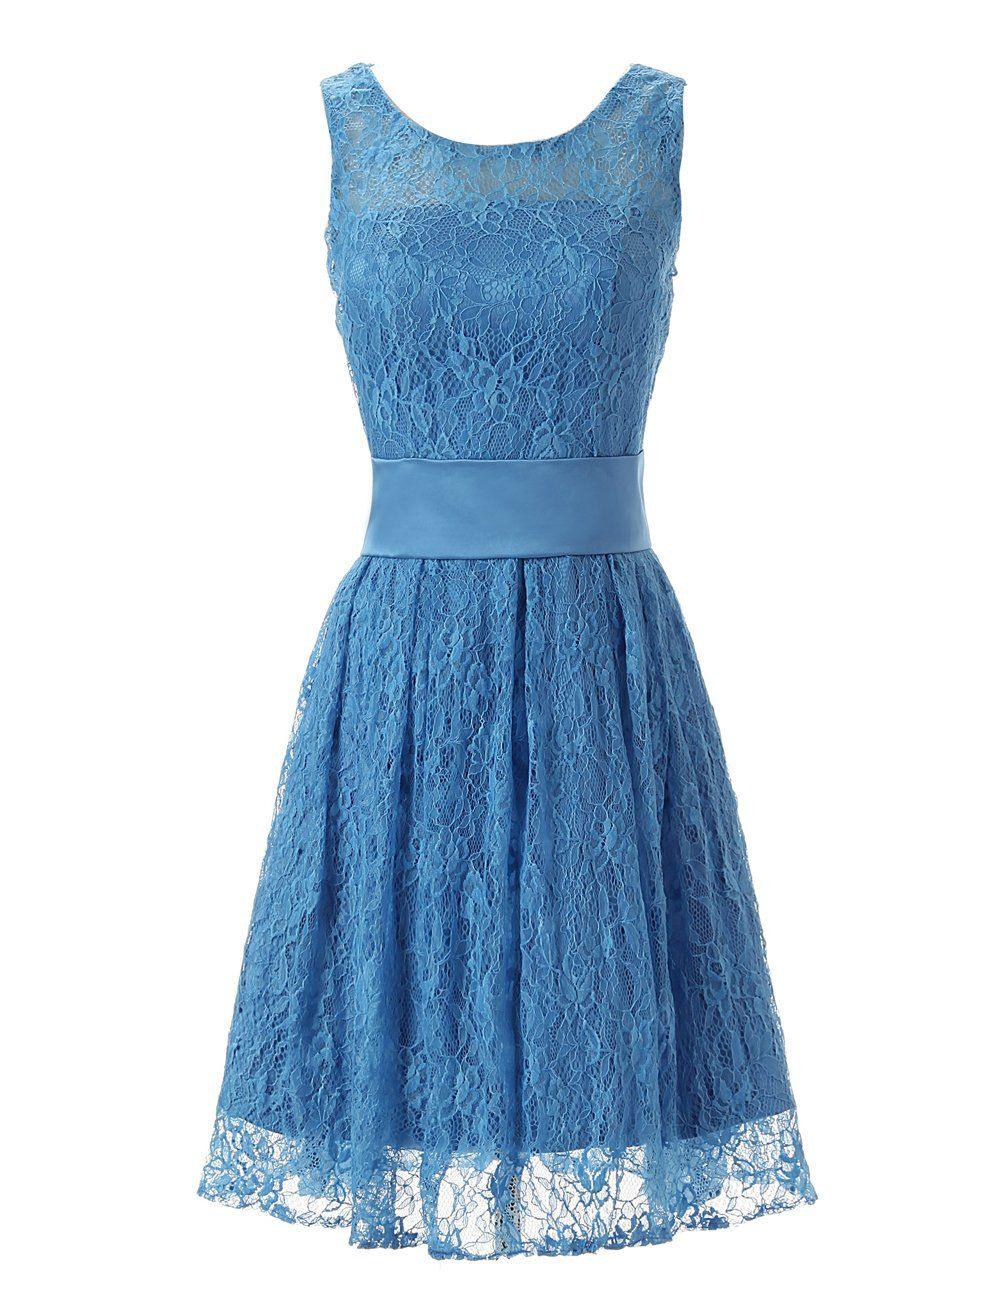 13 Leicht Spitzenkleid Blau ÄrmelAbend Coolste Spitzenkleid Blau Vertrieb